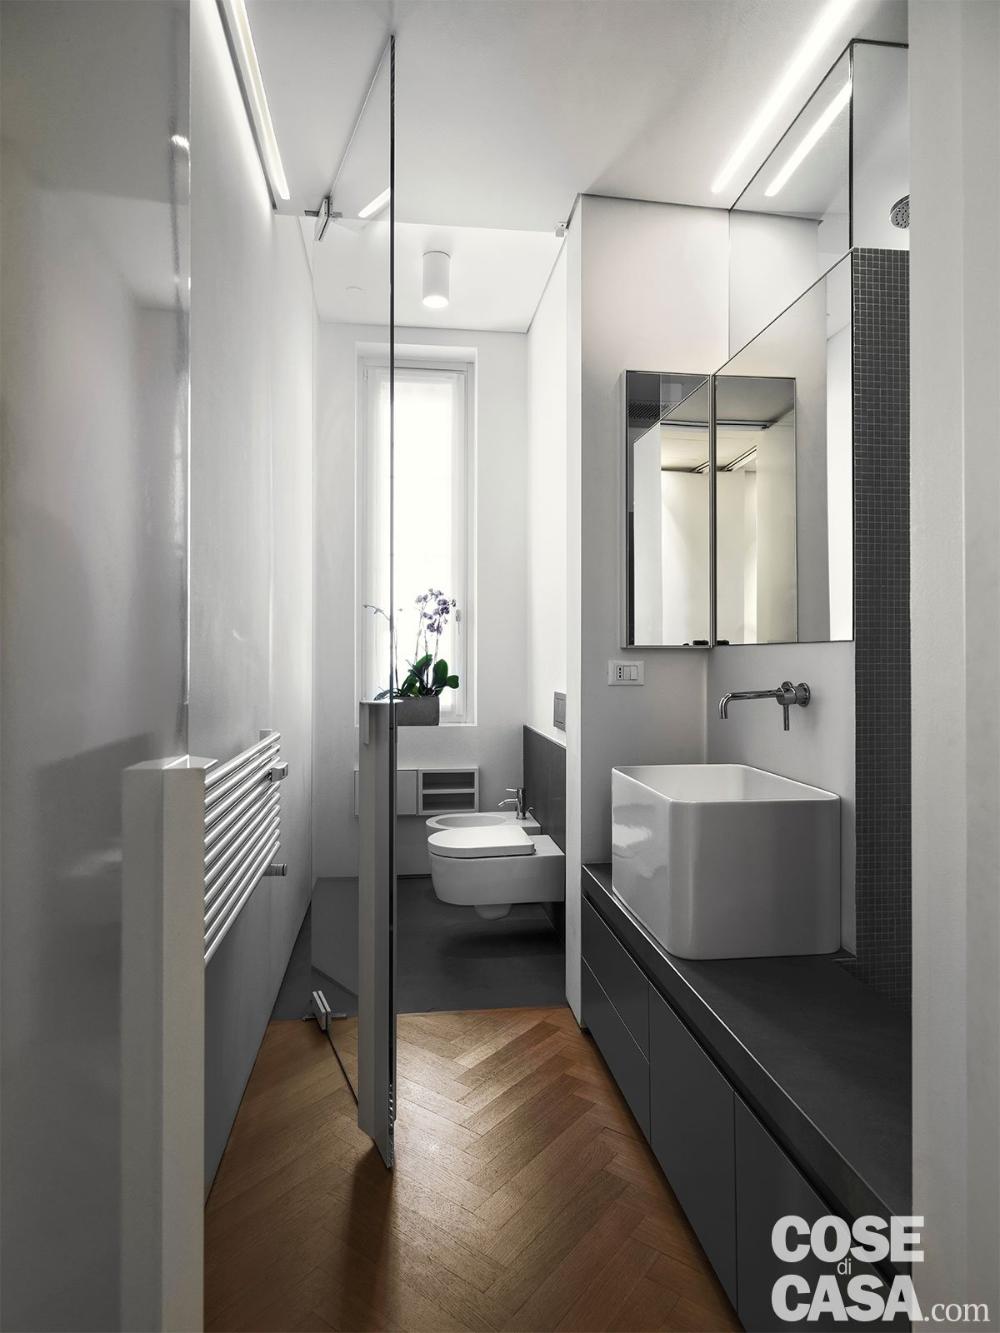 Photo of 110 mq con una parete in vetro per dividere soggiorno e corridoio e con la cabina armadio dietro al letto – Cose di Casa